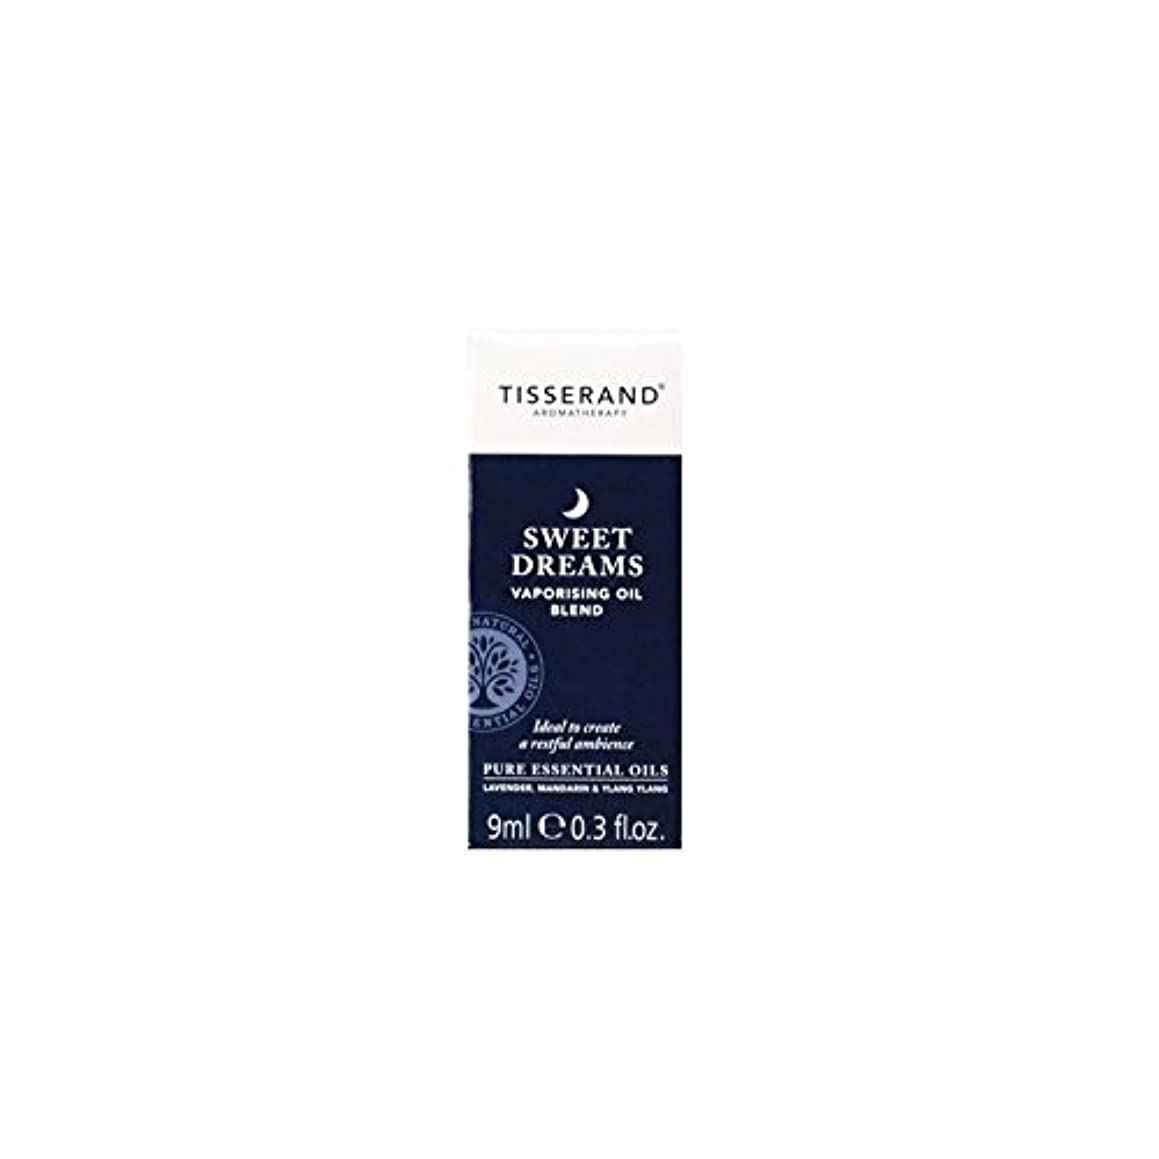 結紮組剃るオイル9ミリリットルを気化甘い夢 (Tisserand) (x 6) - Tisserand Sweet Dreams Vaporising Oil 9ml (Pack of 6) [並行輸入品]